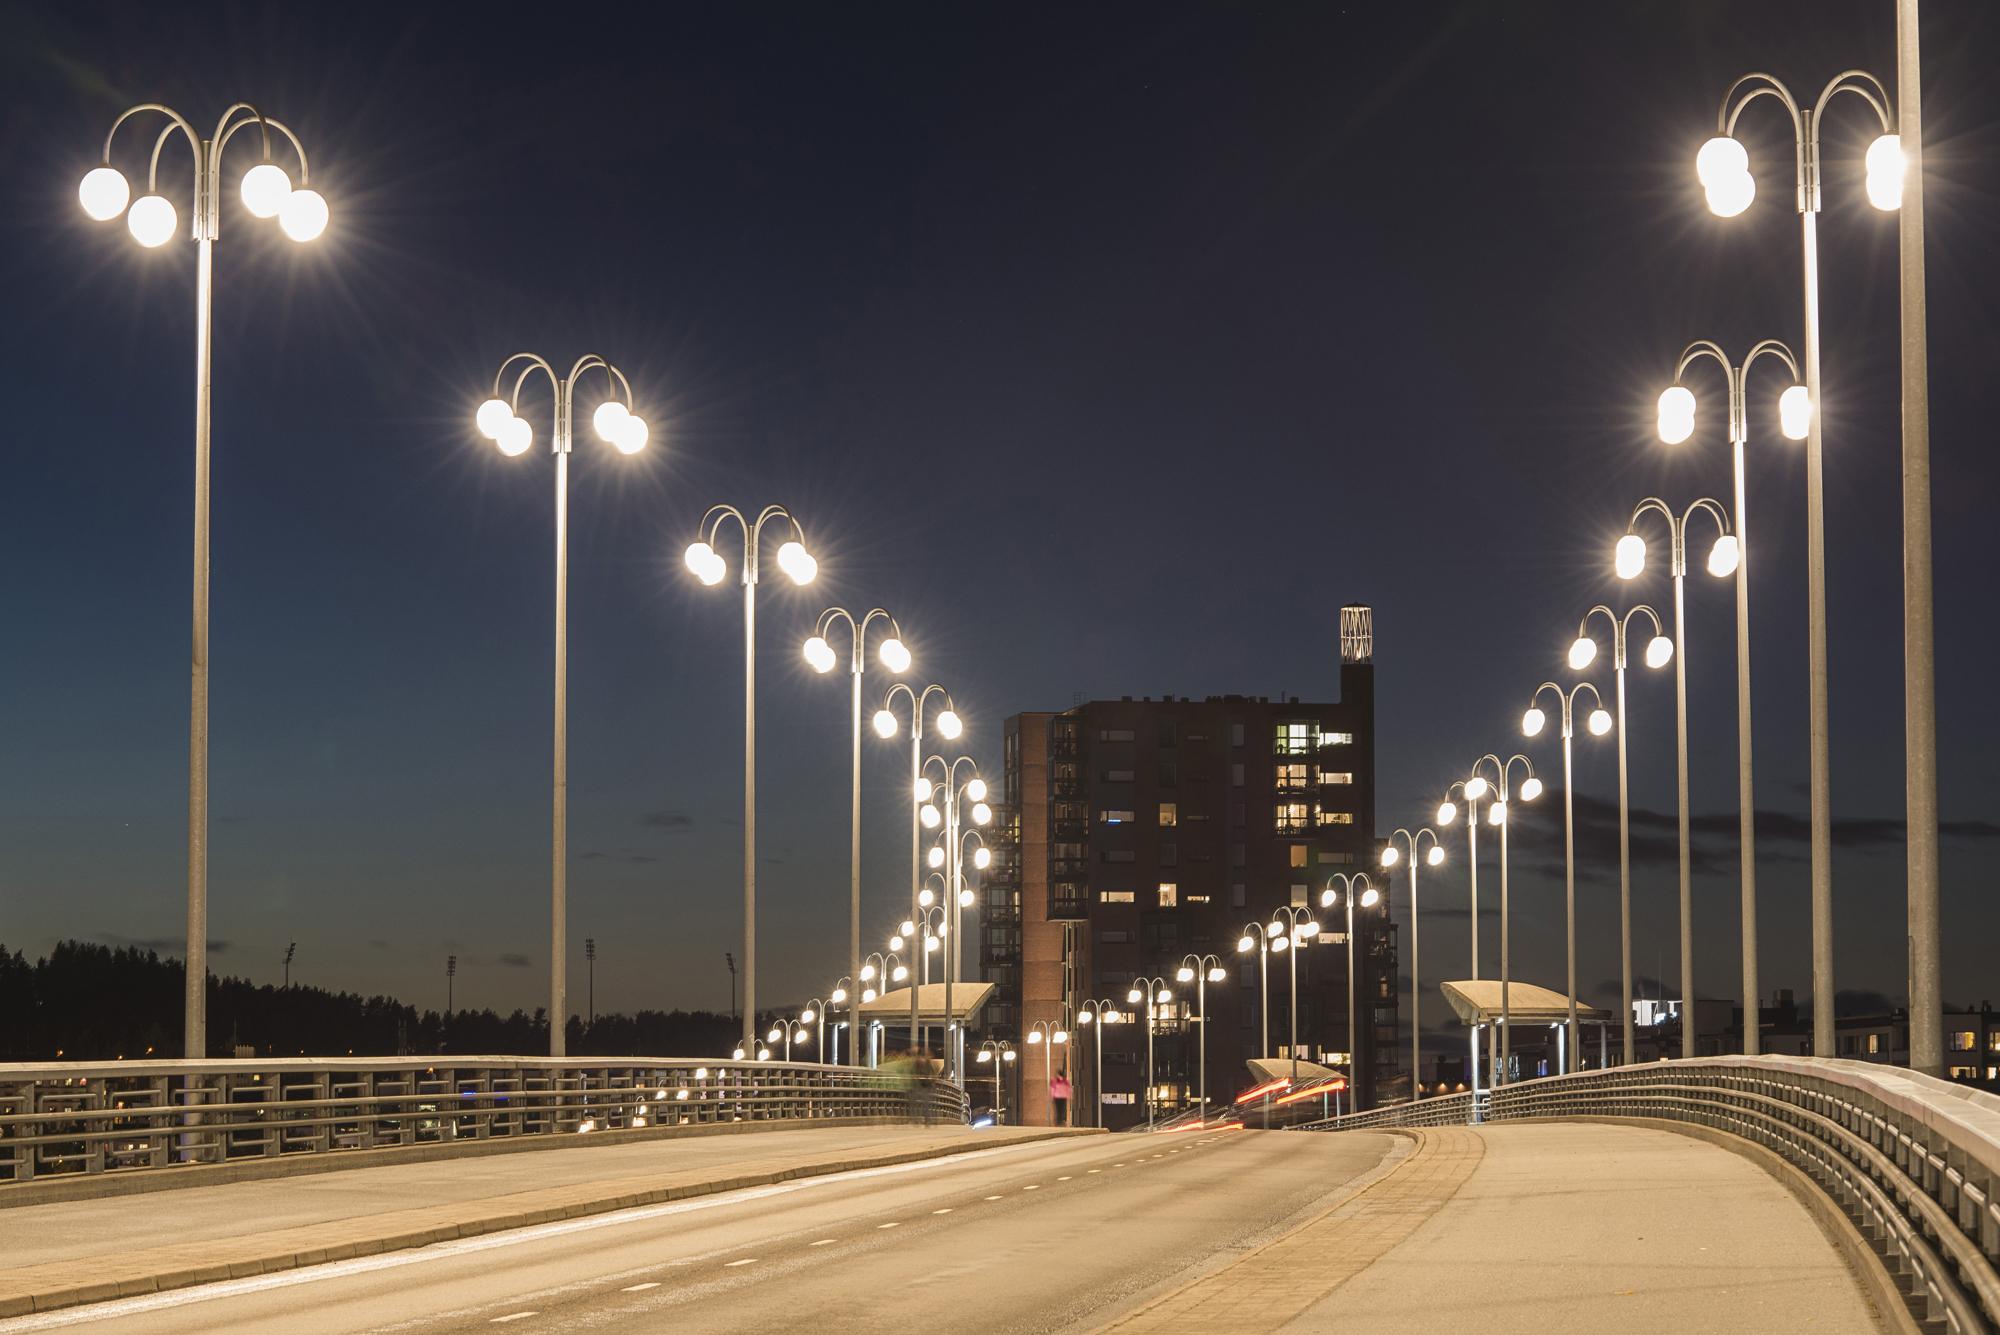 освещение дорог в населенных пунктах